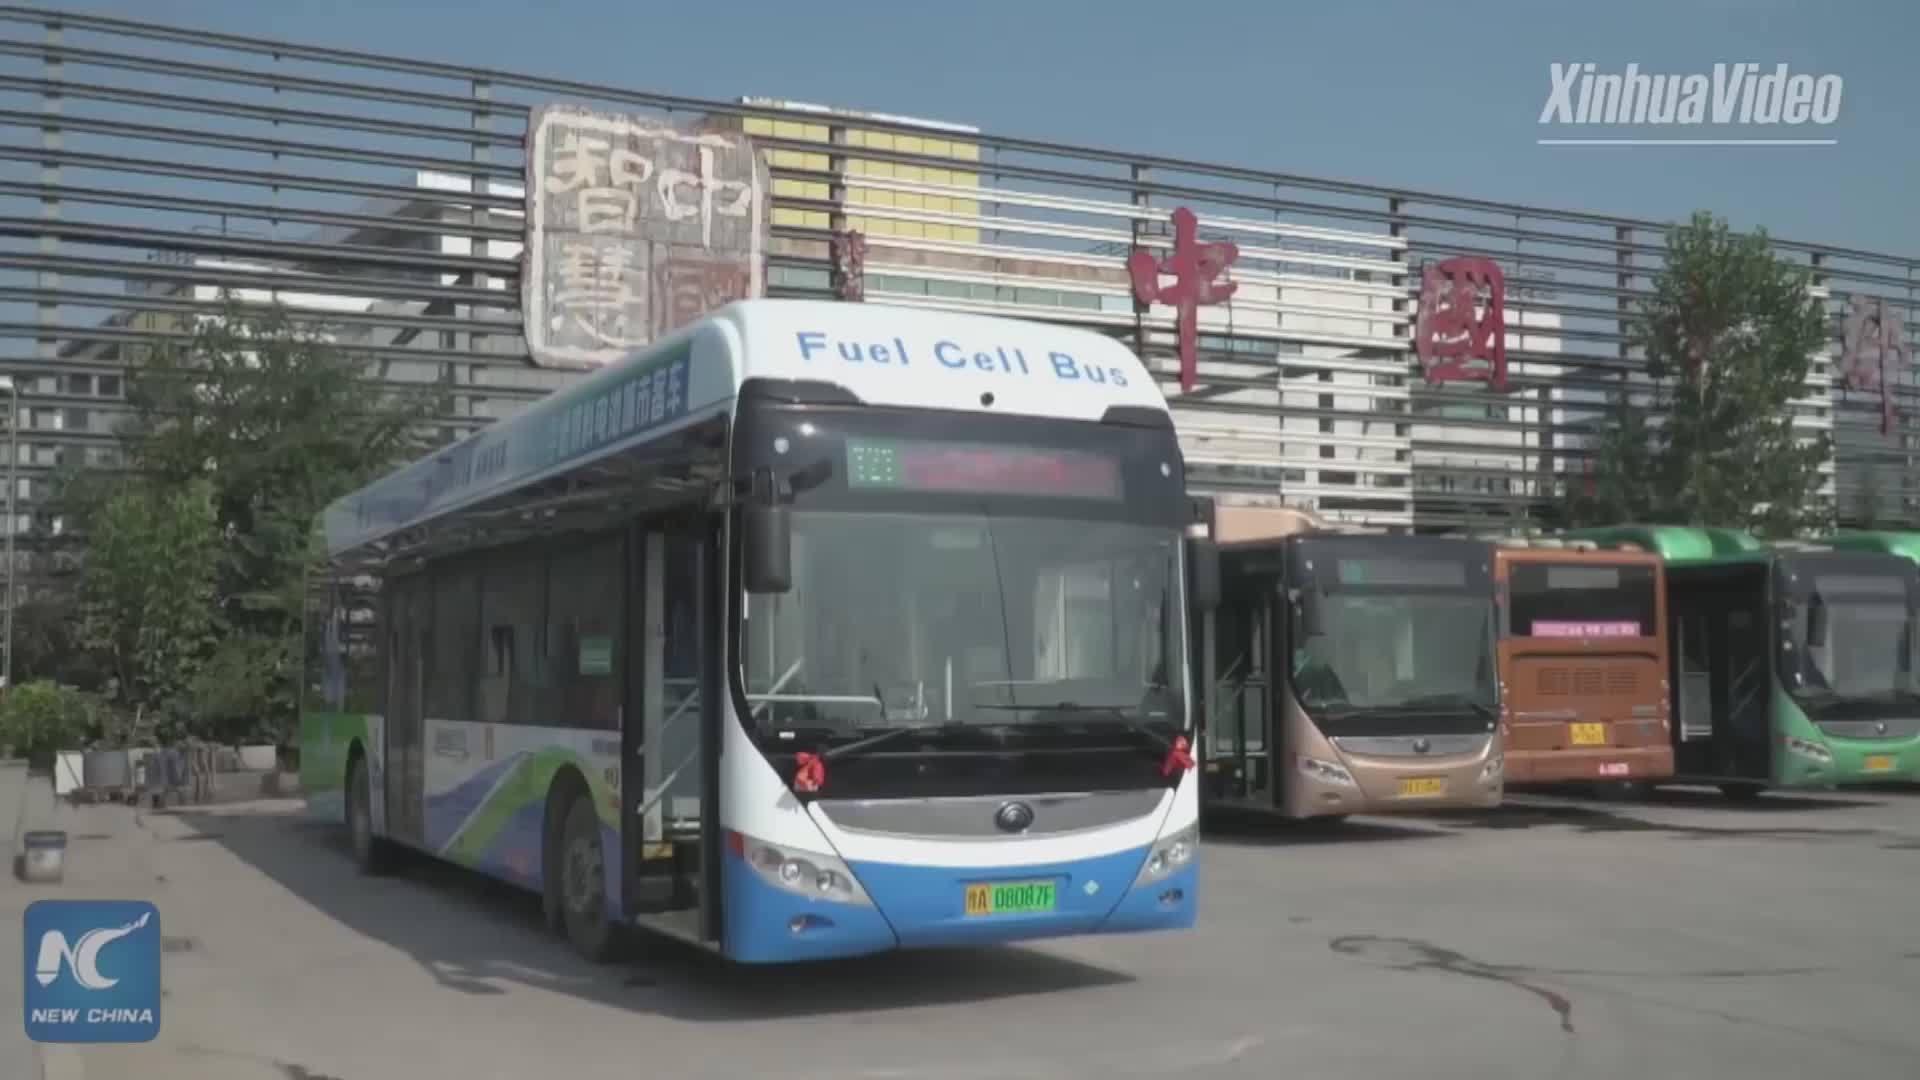 Trung Quốc đưa xe buýt chạy bằng nhiên liệu hydro vào hoạt động